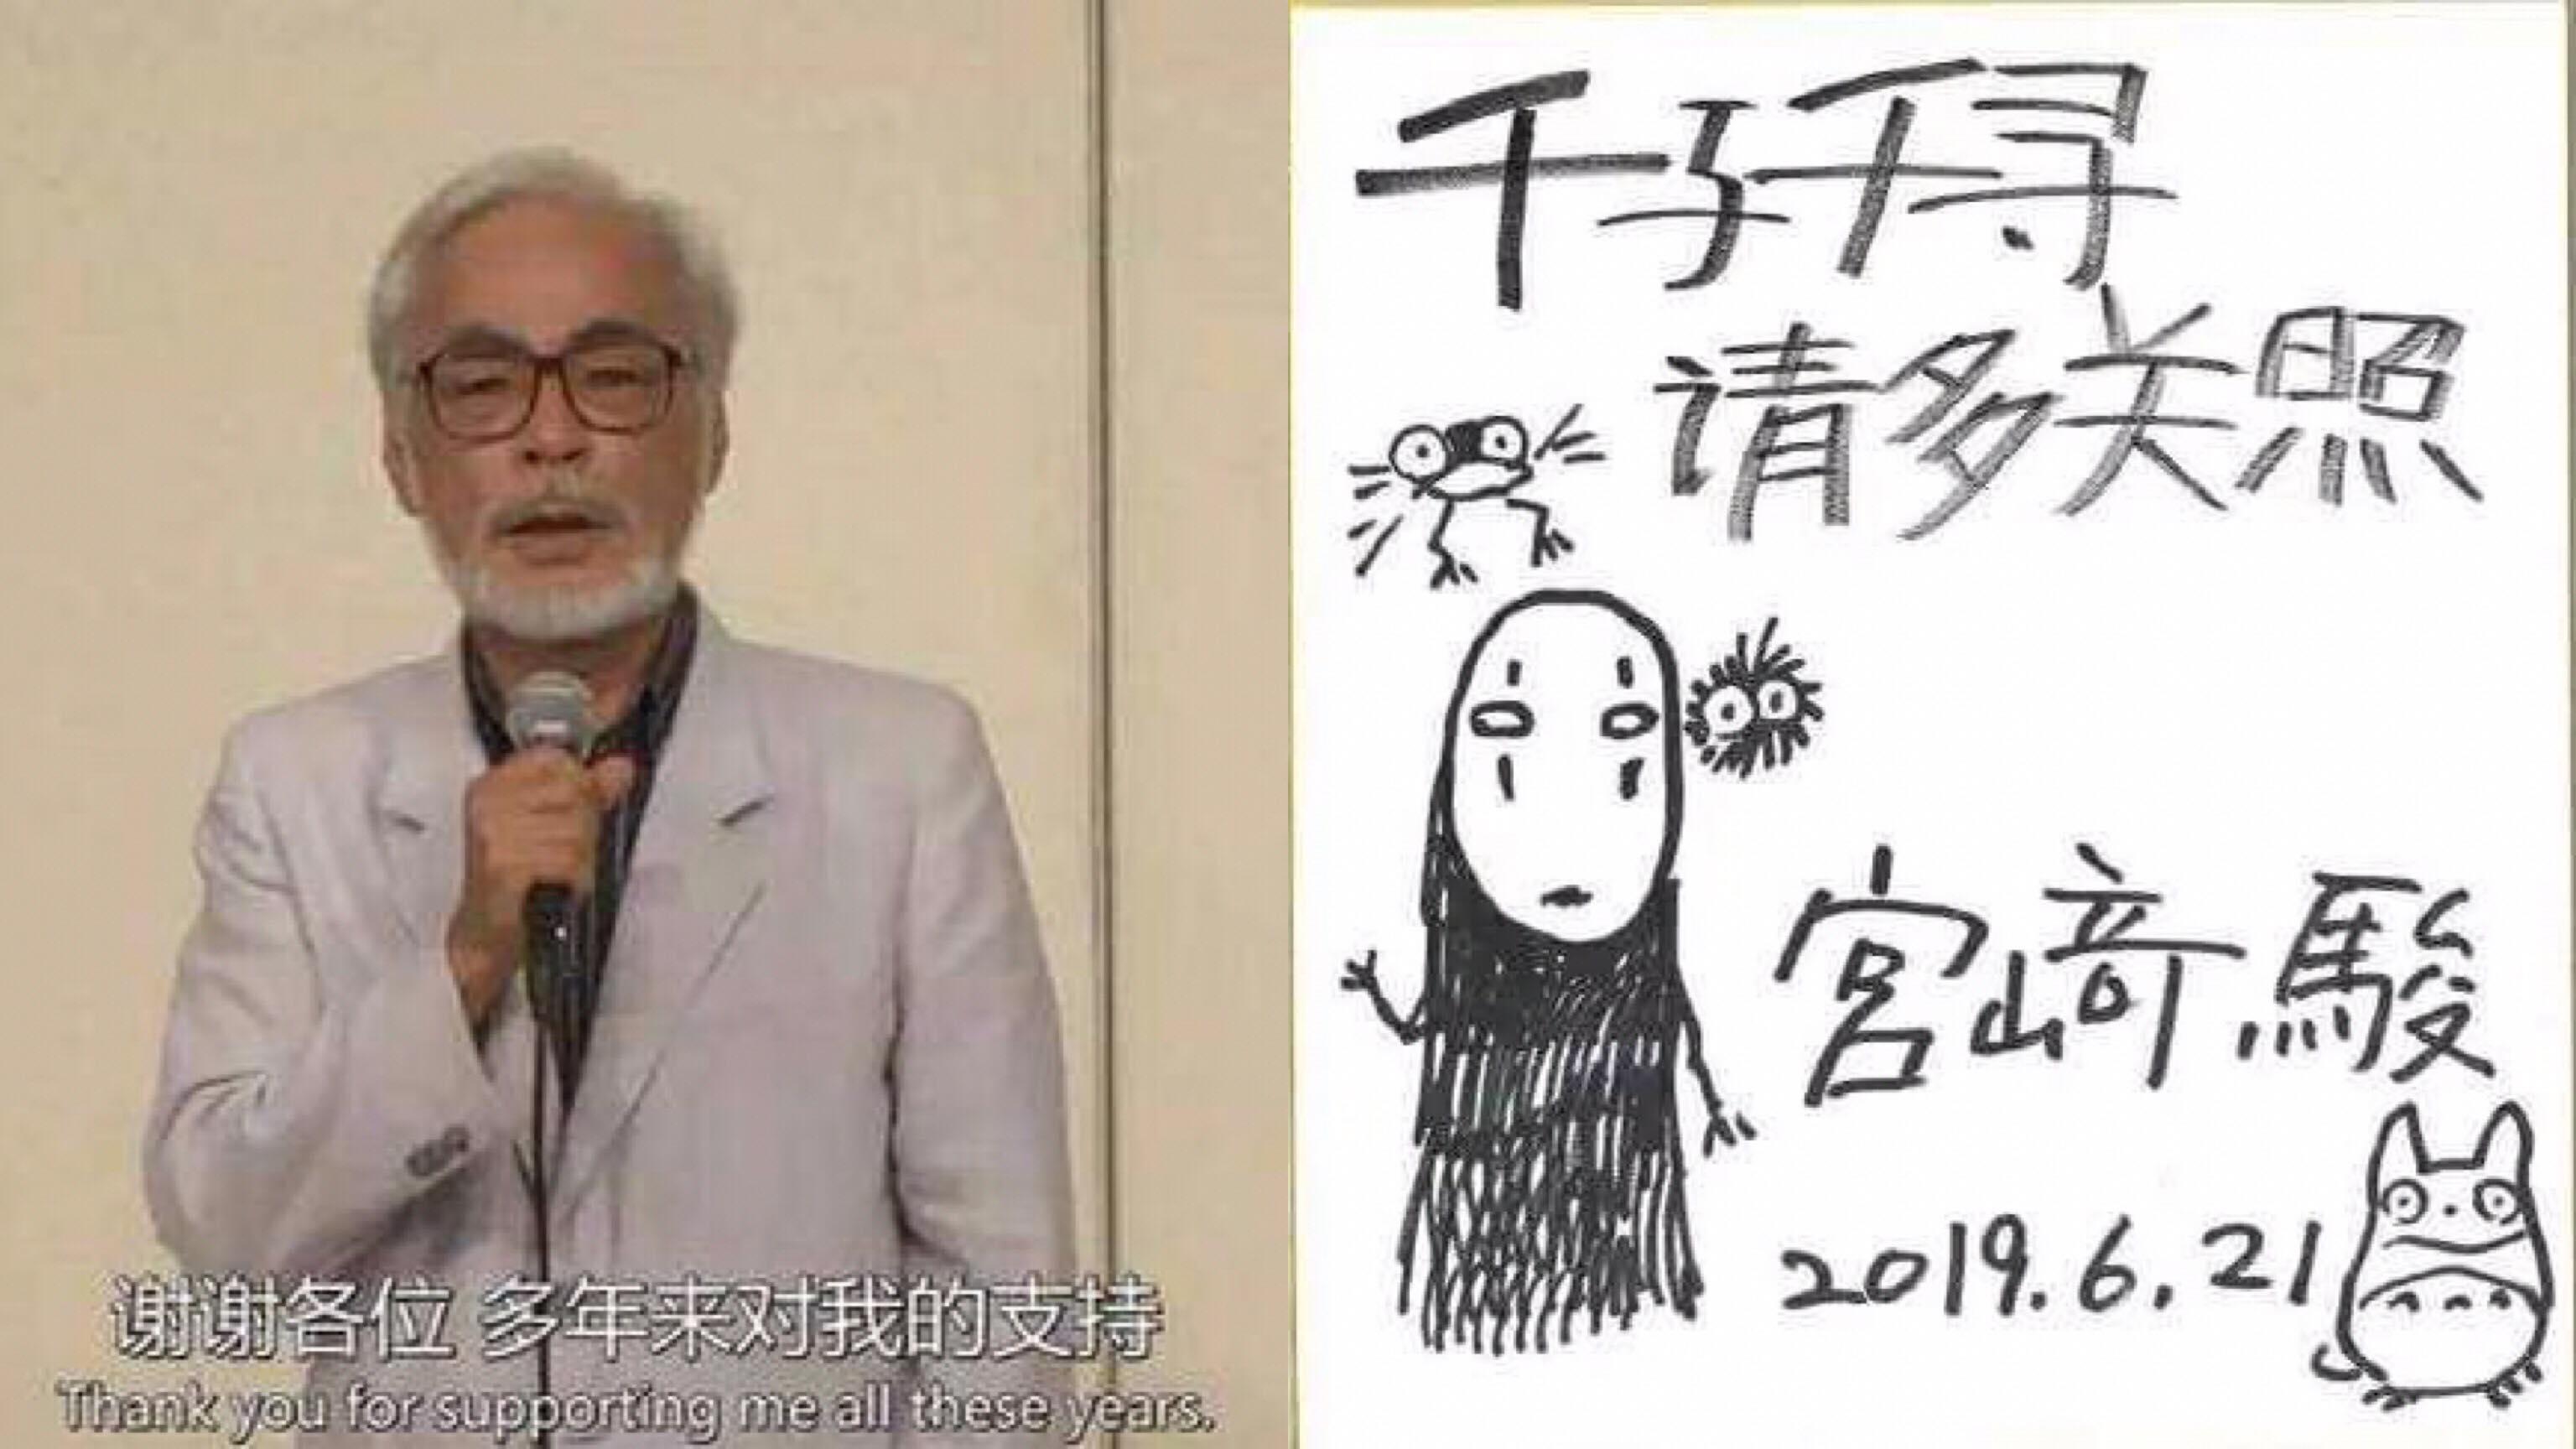 18 年後再看《神隱少女》,才明白宮崎駿為什麼會「出爾反爾高達 7 次」! – 我們用電影寫日記